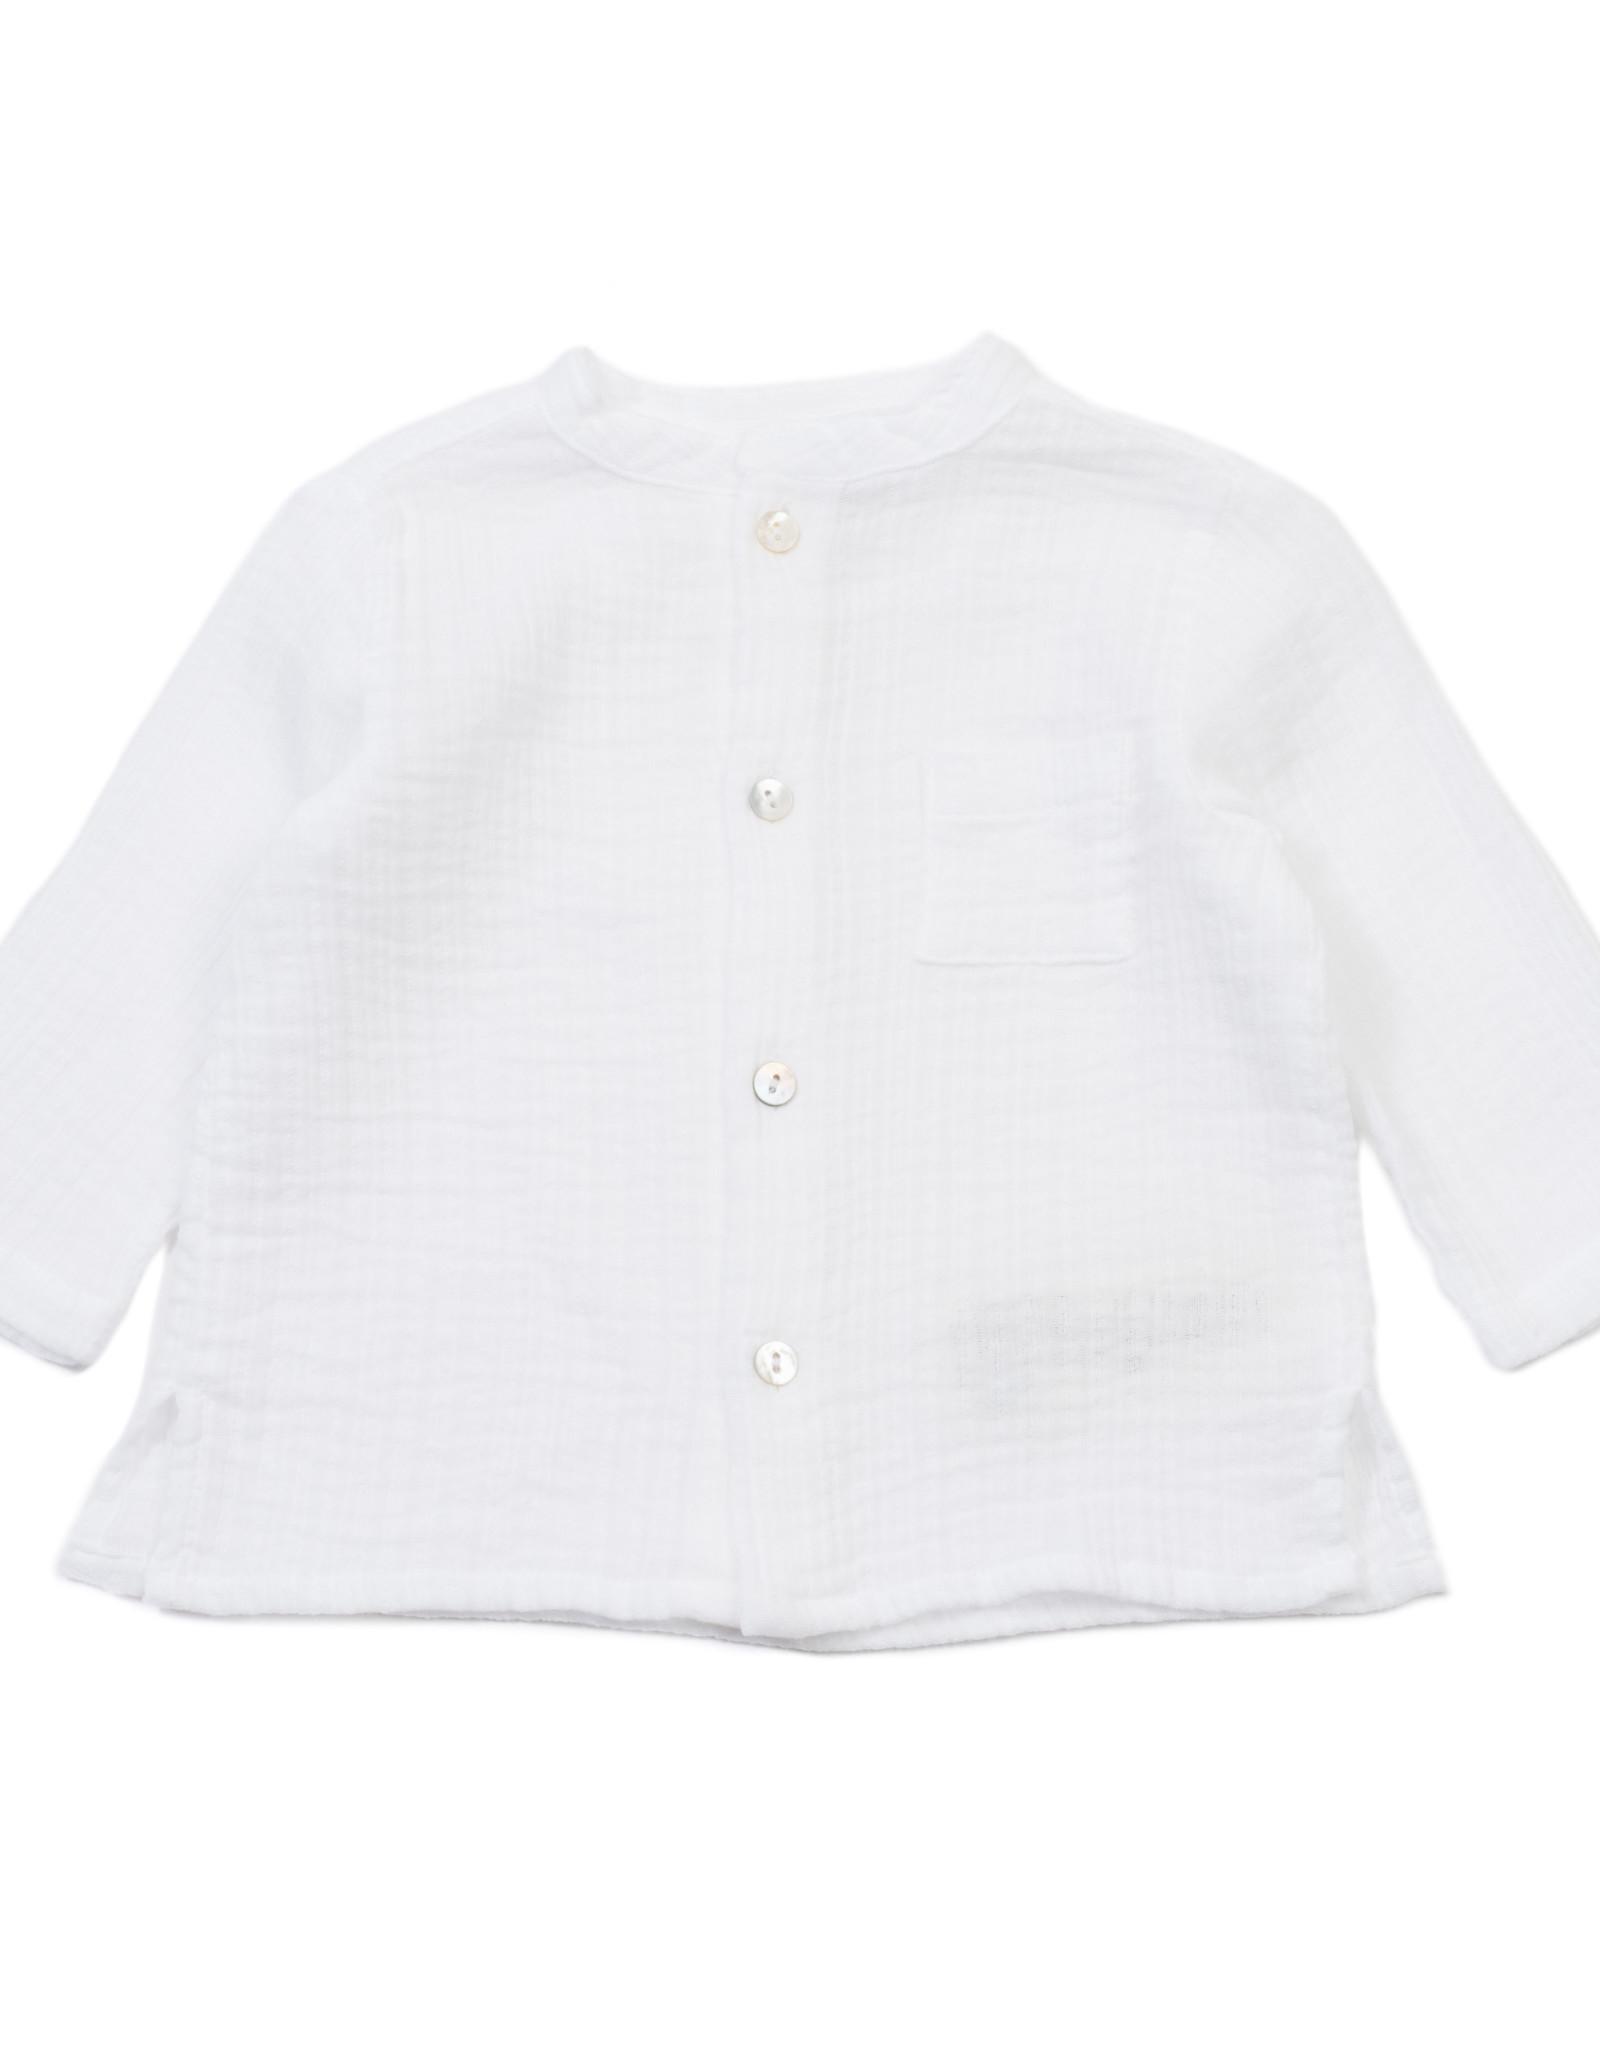 Baby Inter tunic